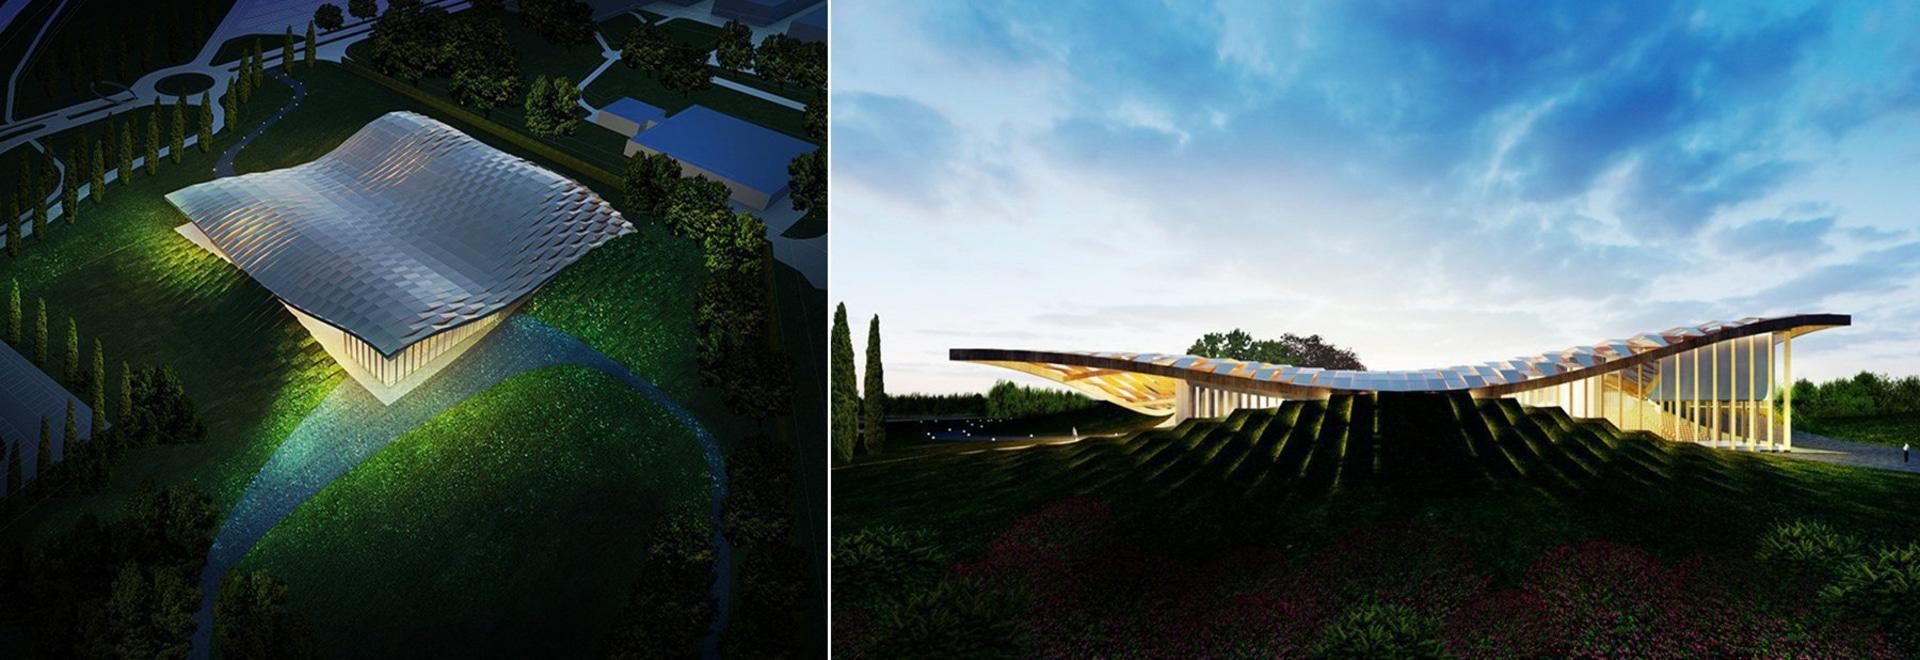 i sistemi dell'architettura aperta rivela i piani per il padiglione ad energia solare della barilla a Parma